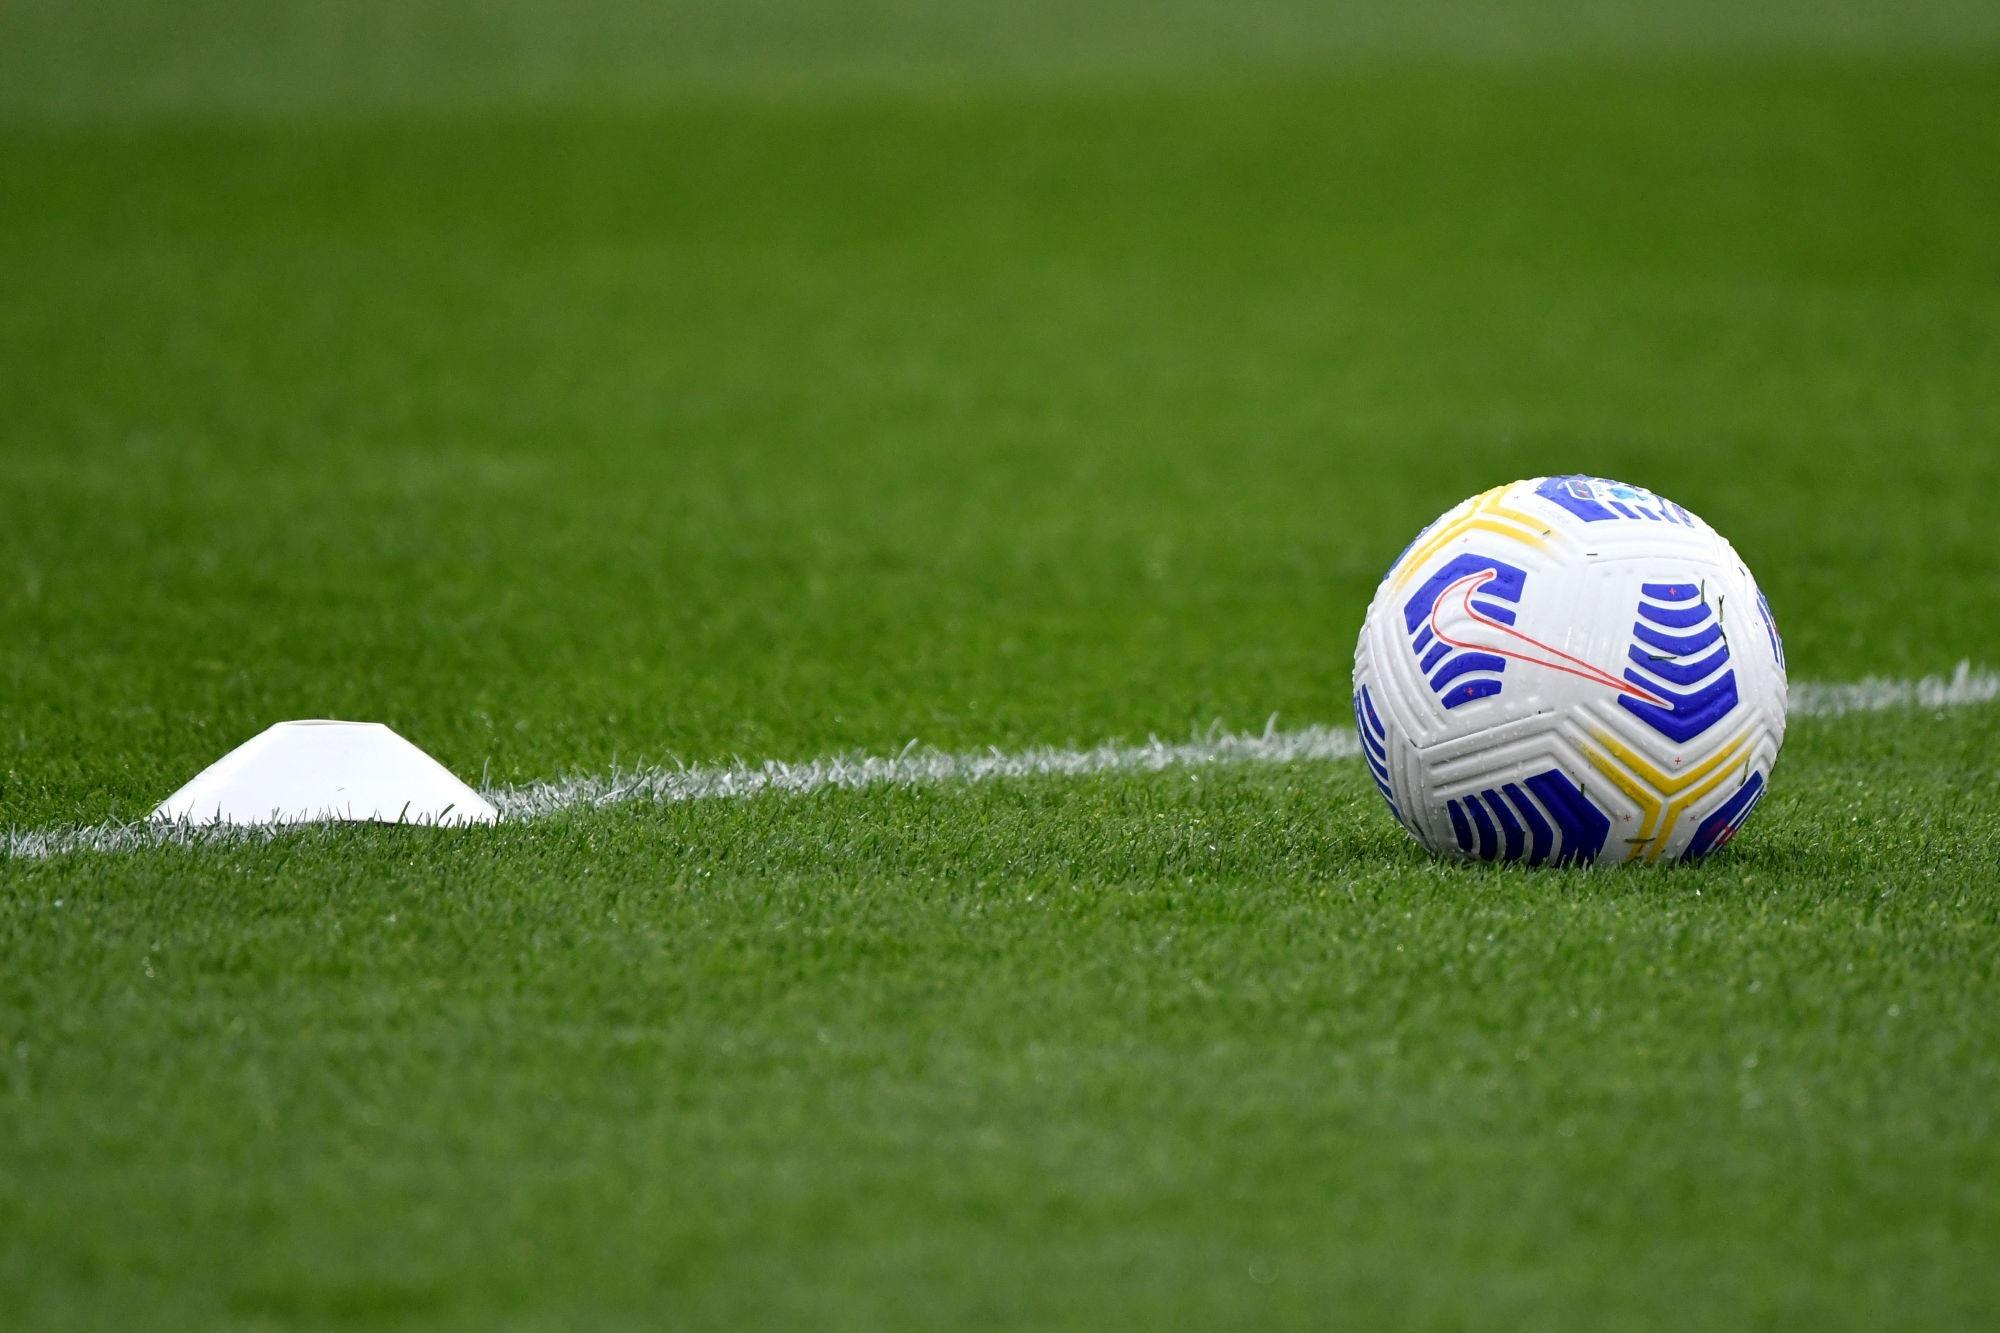 Officiel - La Juventus a également abandonné la Super League